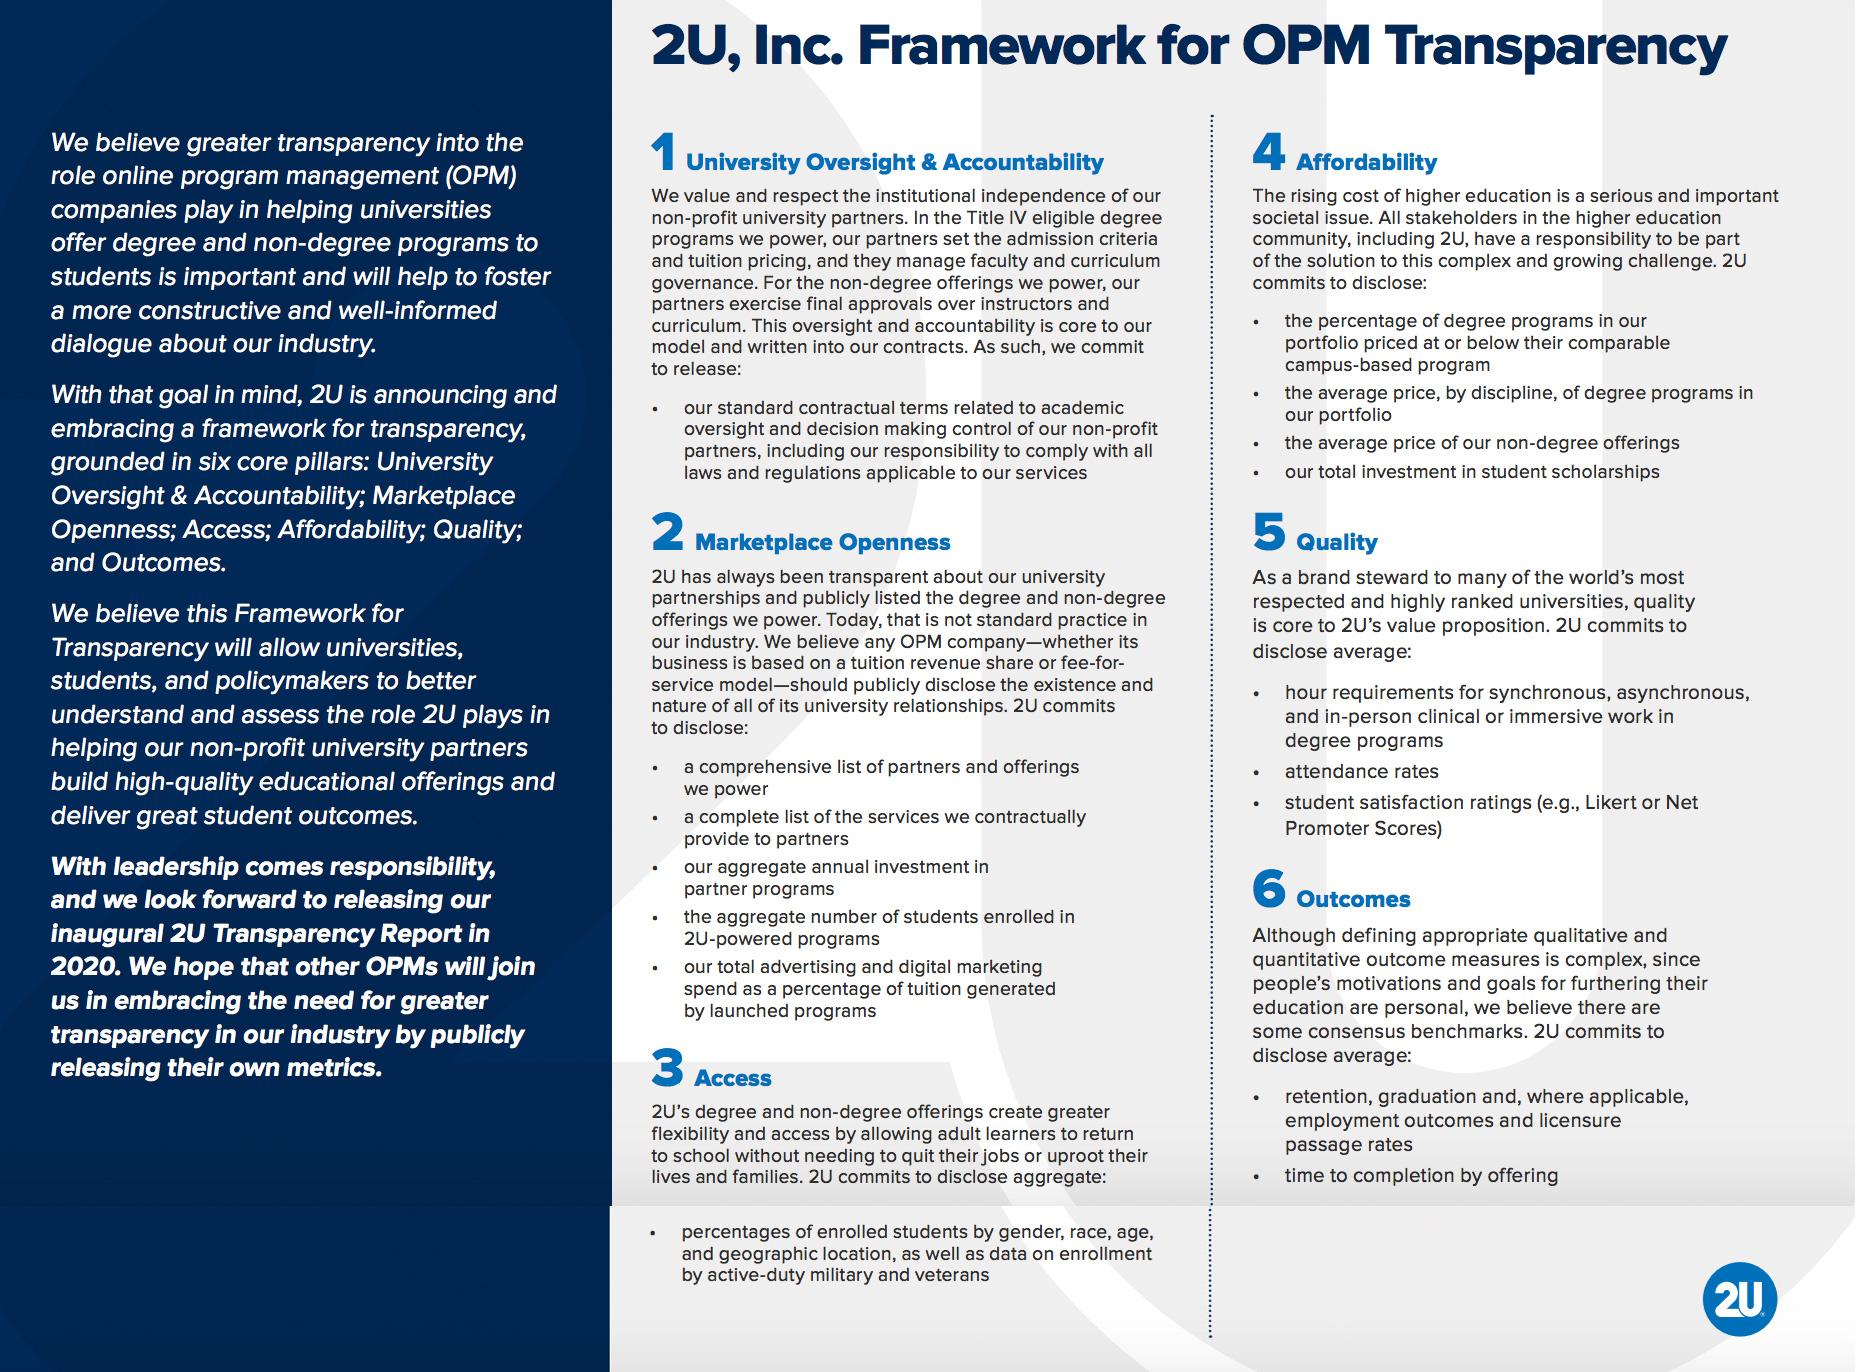 2U aportará más información sobre sus actividades, a medida que hace frente a un creciente escrutinio público